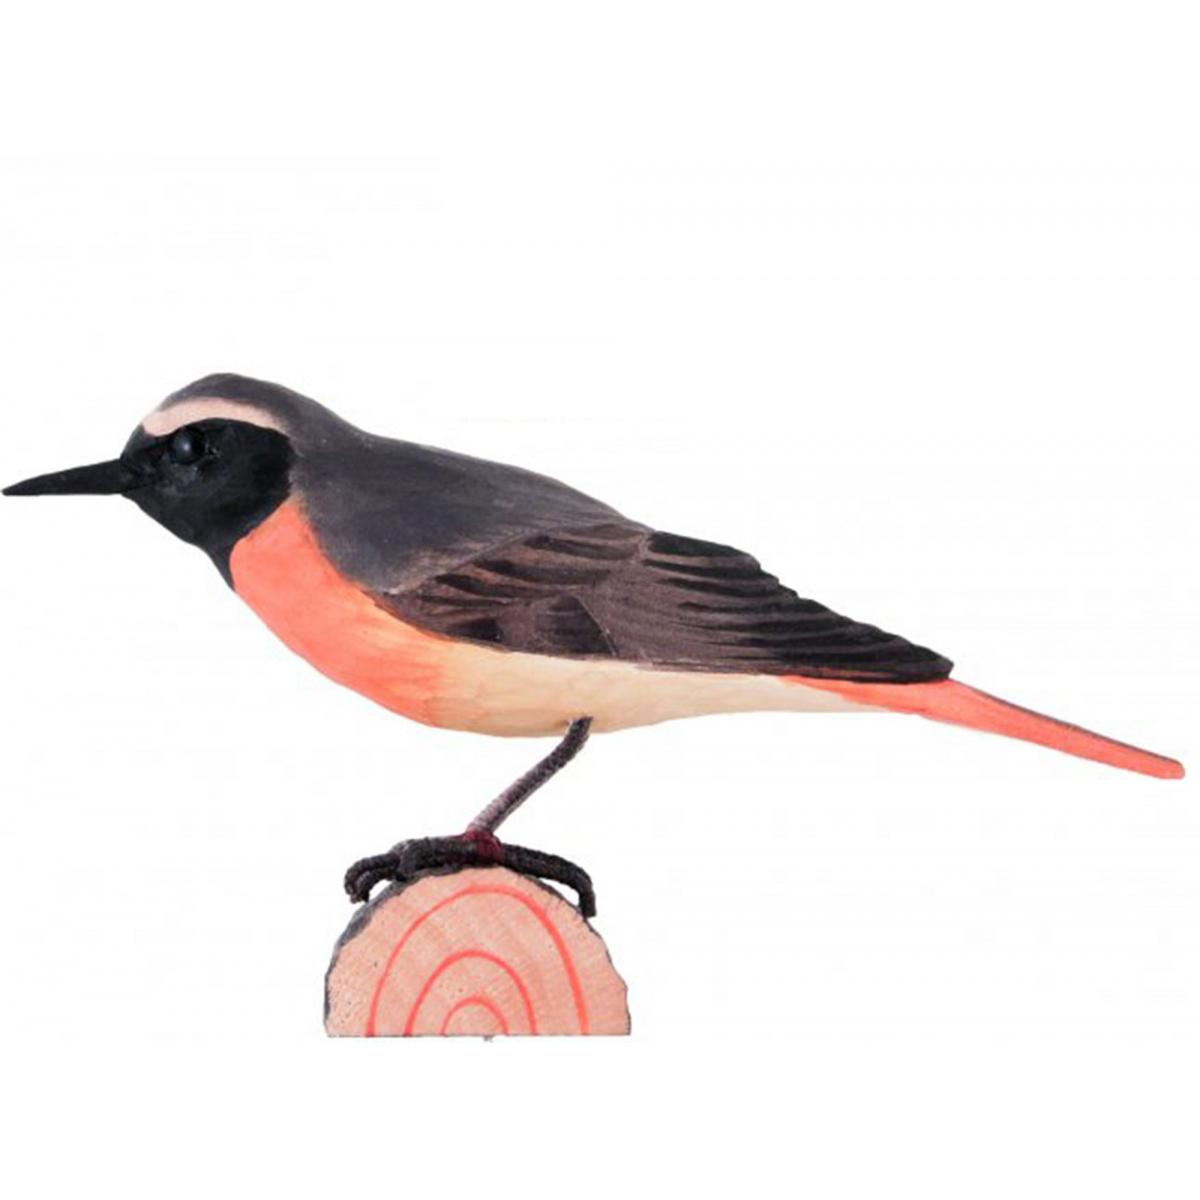 Wildlife Garden træfugl - rødstjert